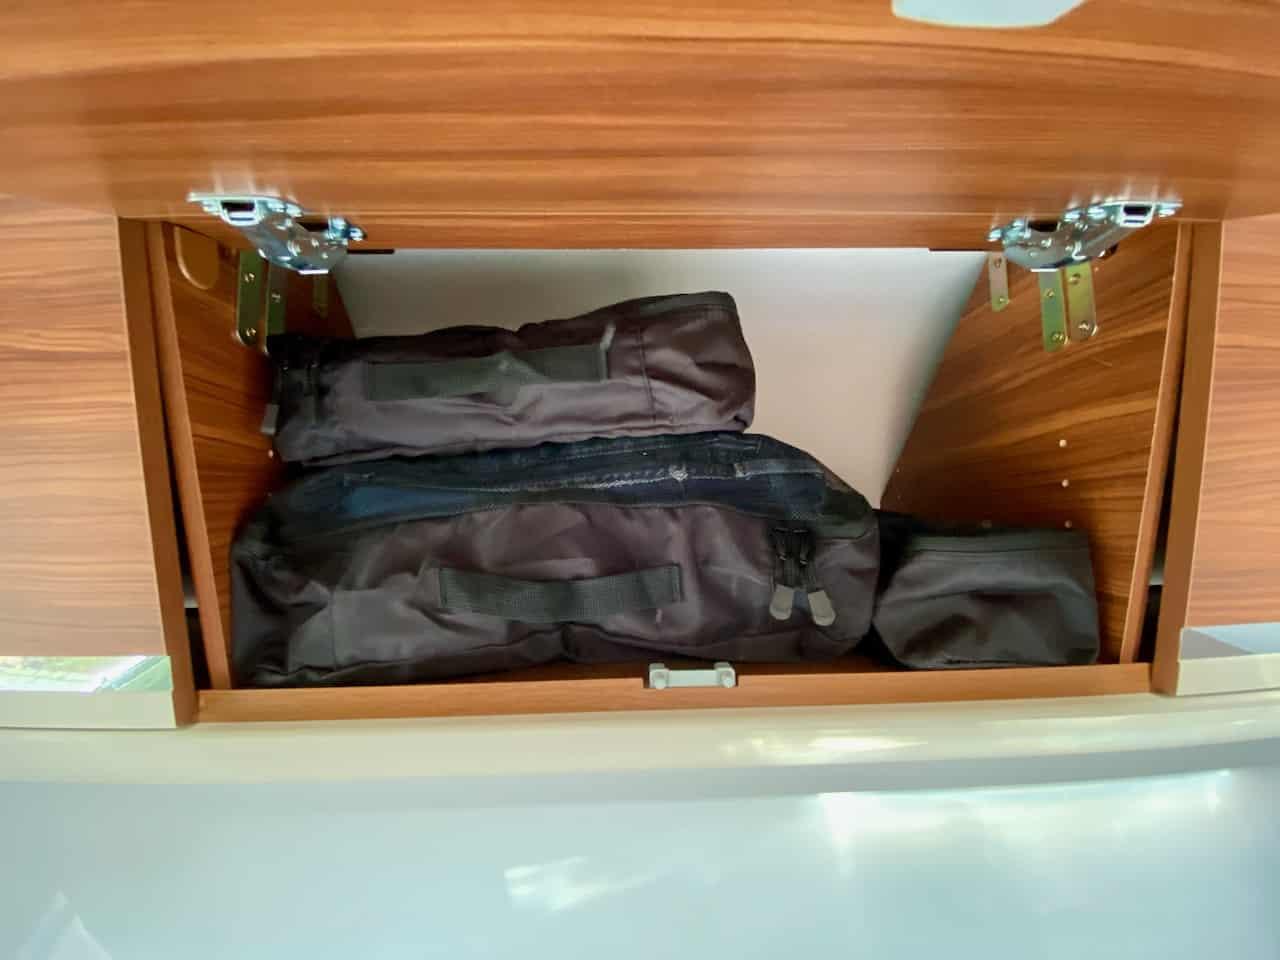 Packtaschen-Kompressiontaschen-Kleidung-Packwürfel-im-Kleiderfach-Kleiderschrank-im-Wohnmobil